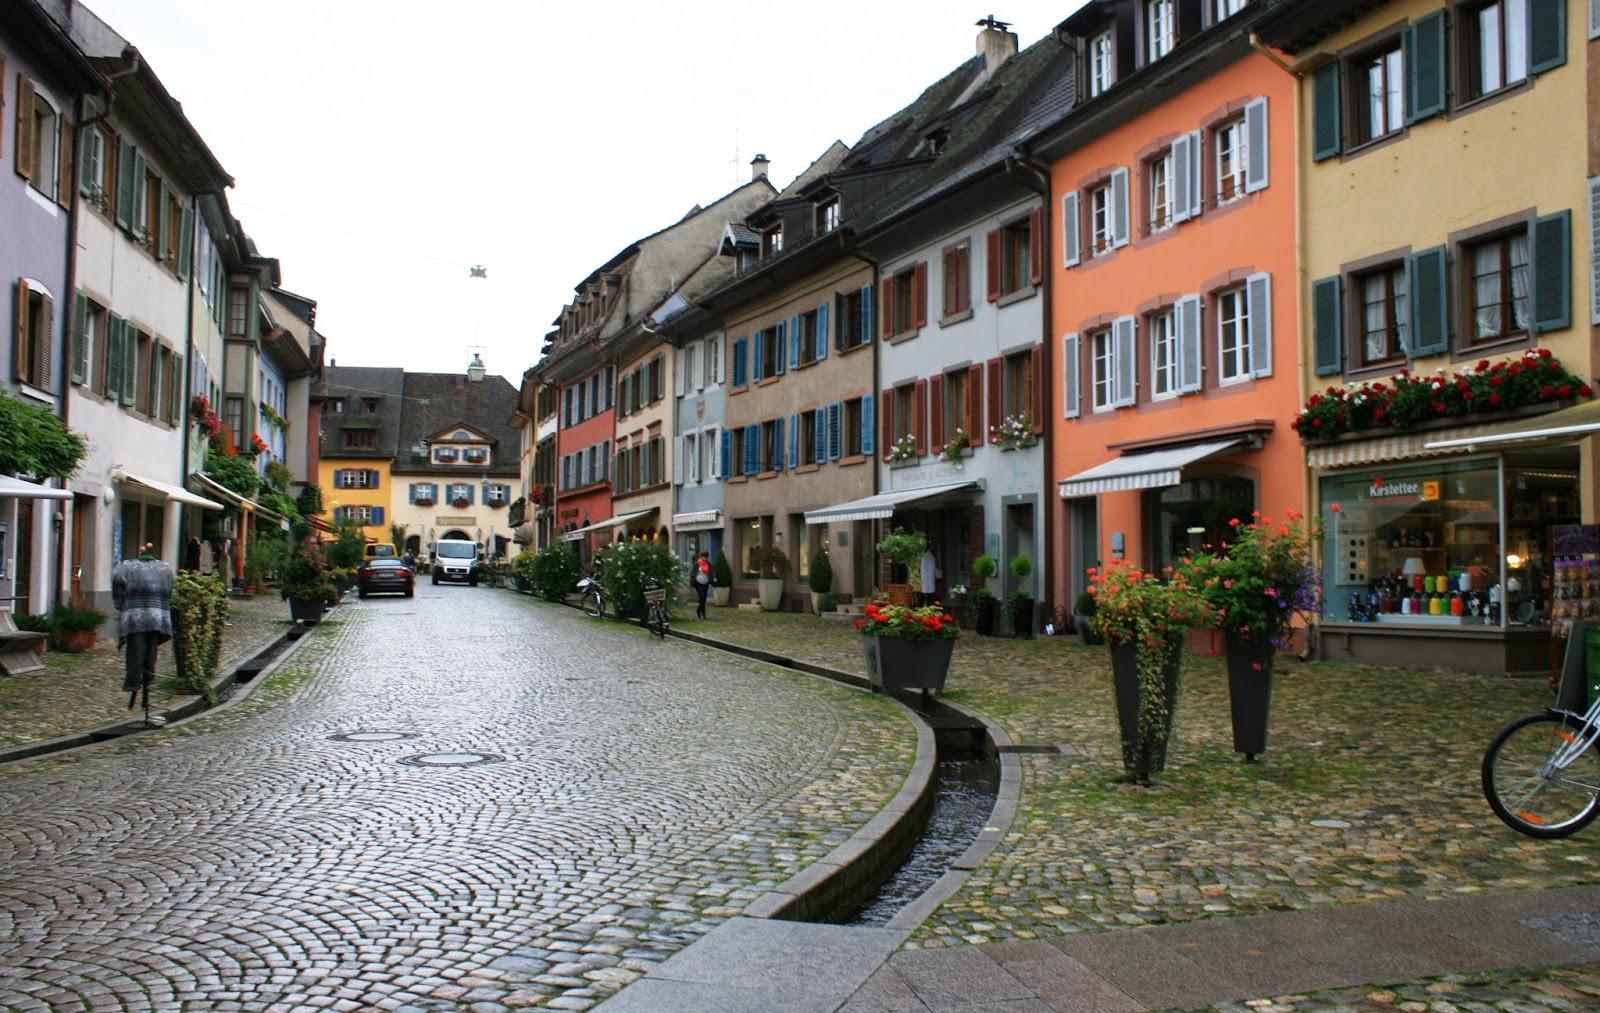 Staufen German laceupandwalk.blogspot.com